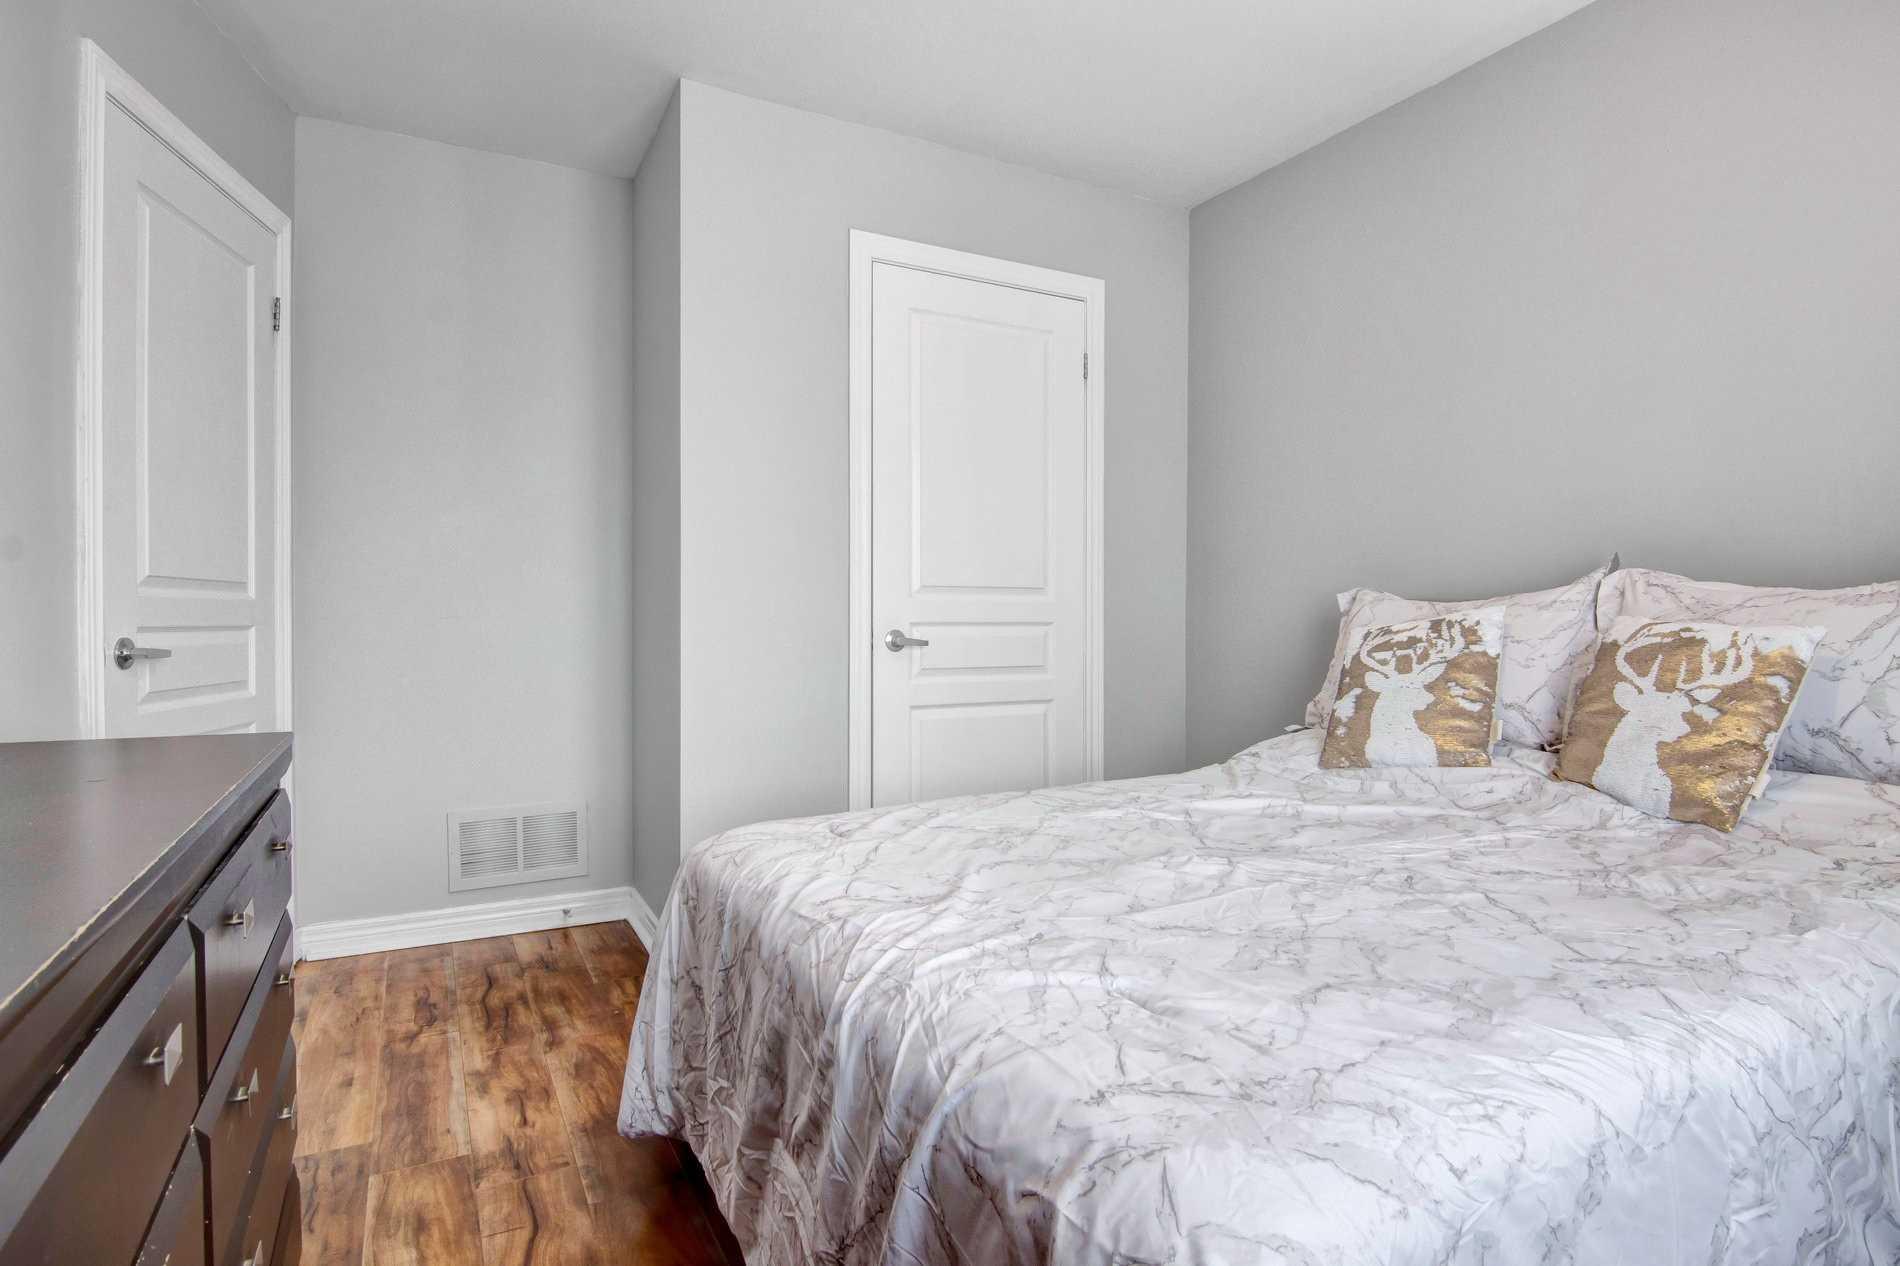 28 Pendulum Circ, Brampton, Ontario L6R3N5, 3 Bedrooms Bedrooms, 8 Rooms Rooms,4 BathroomsBathrooms,Att/Row/Twnhouse,For Sale,Pendulum,W5354472